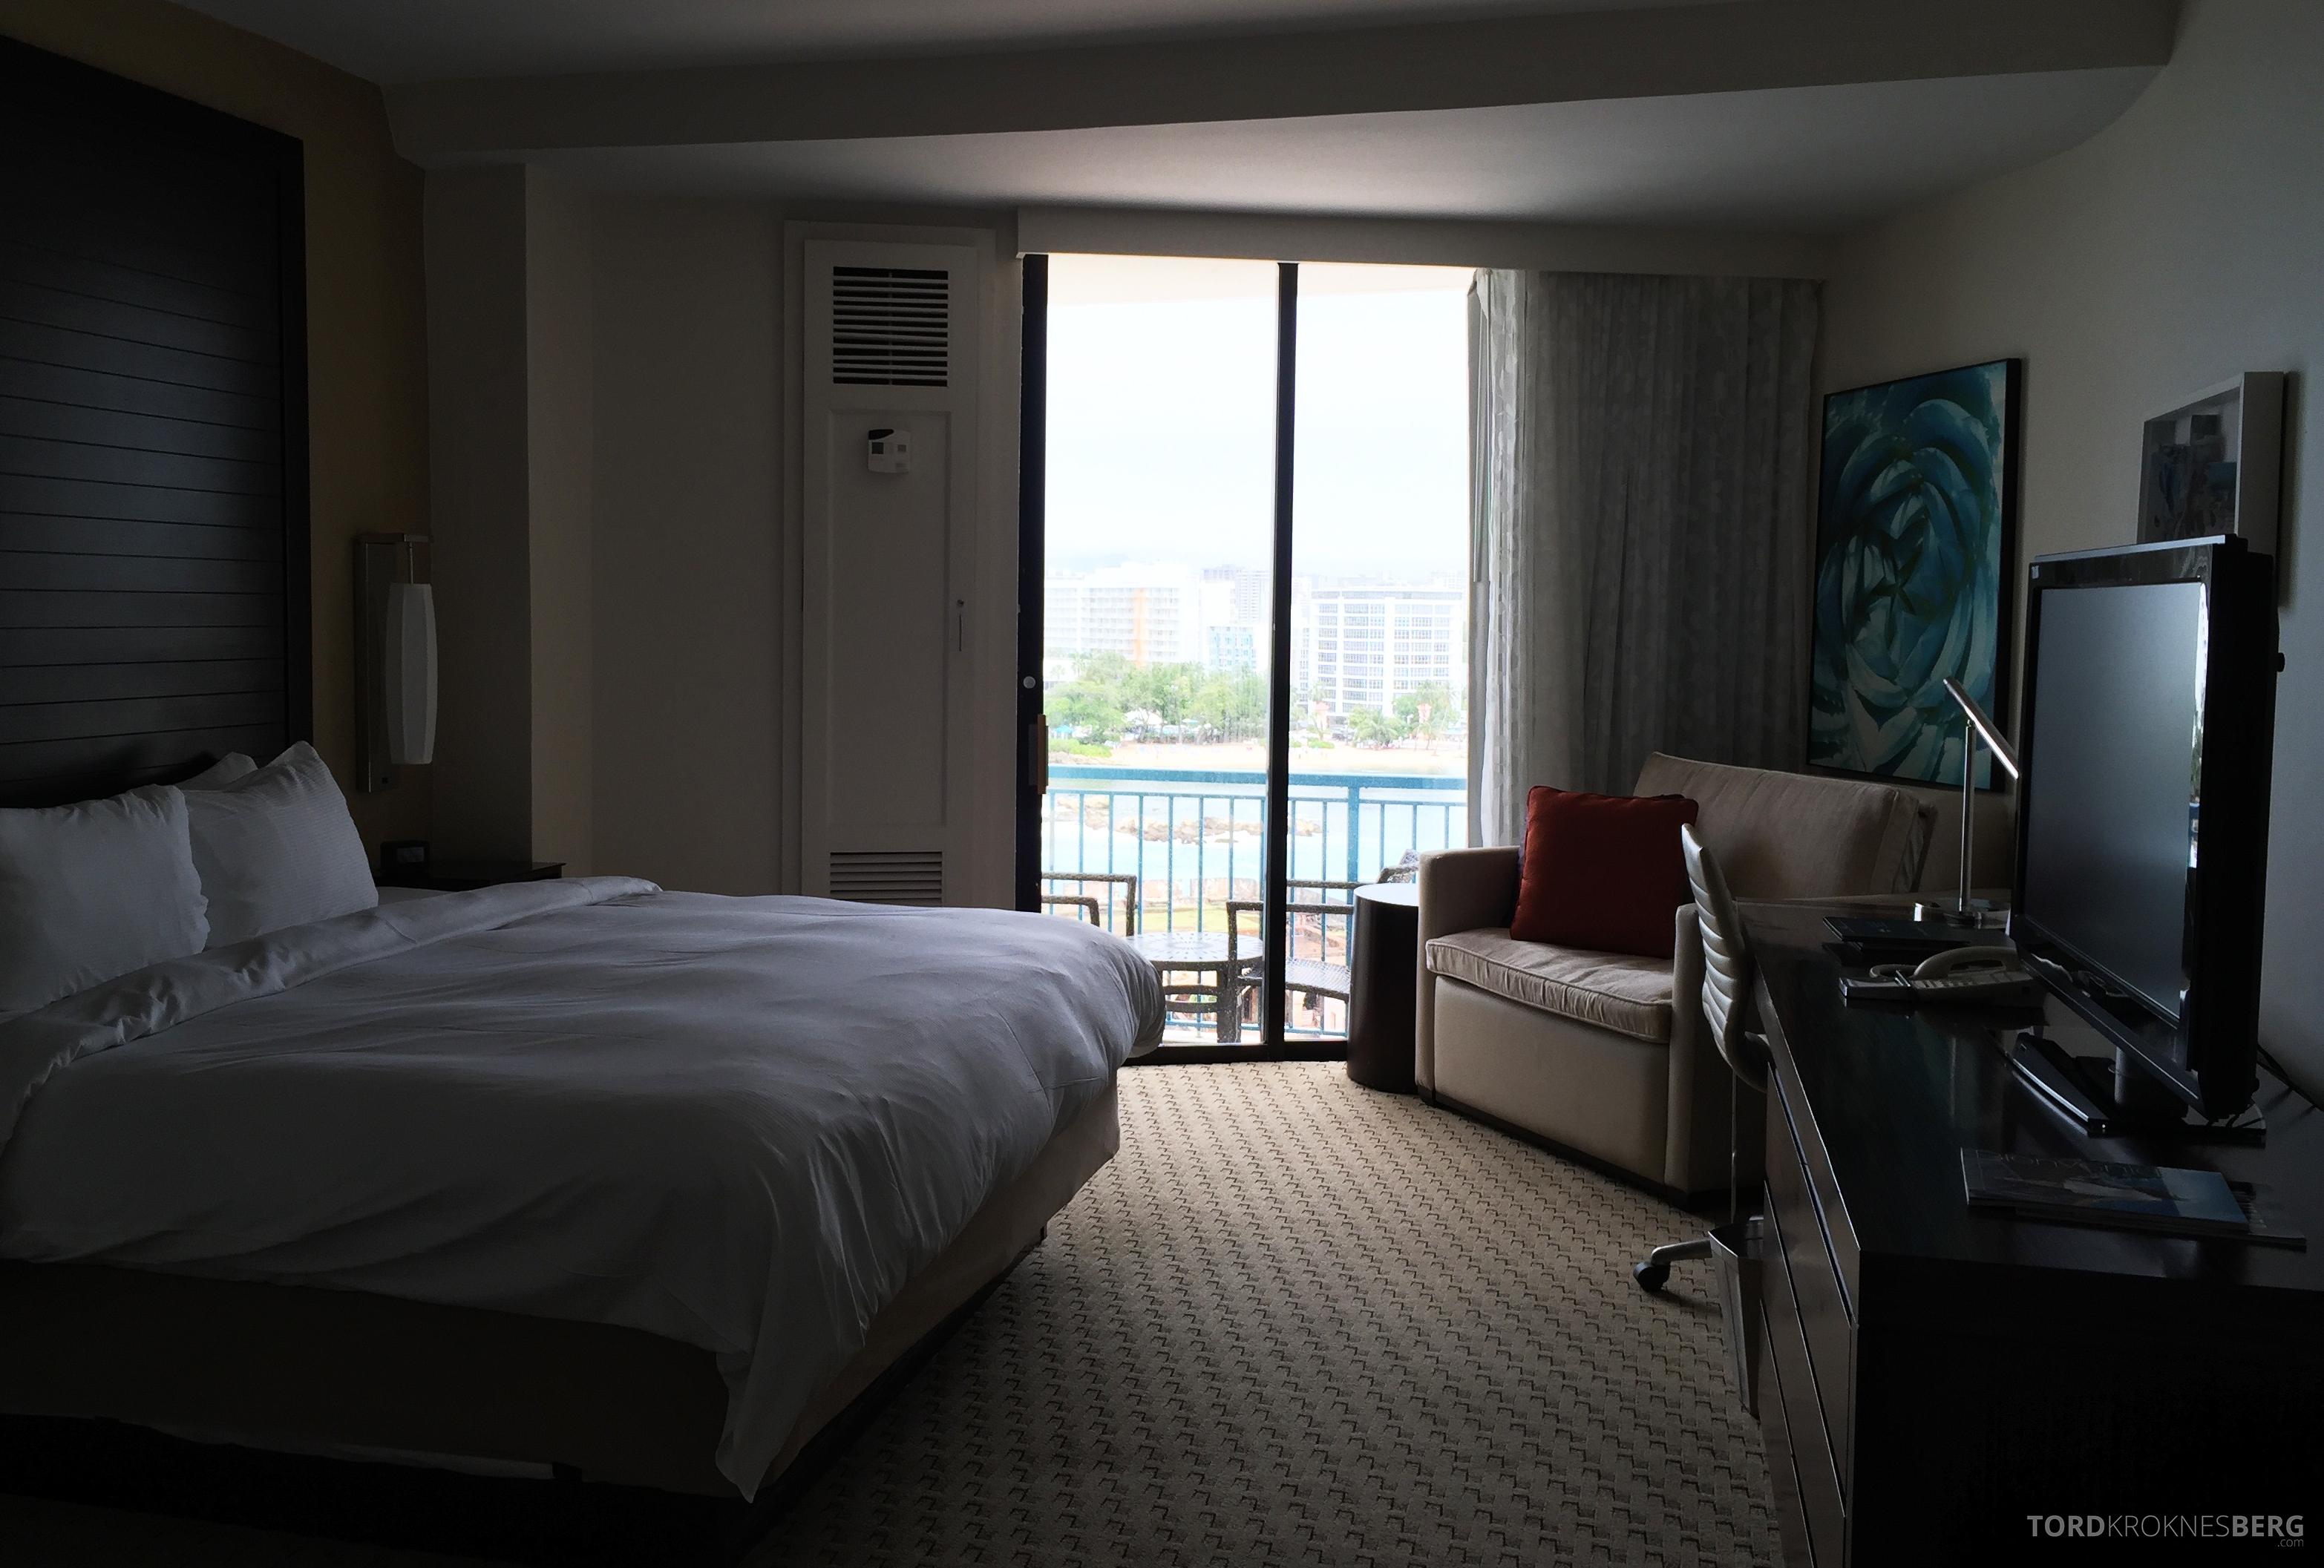 Caribe Hilton ocean view suite